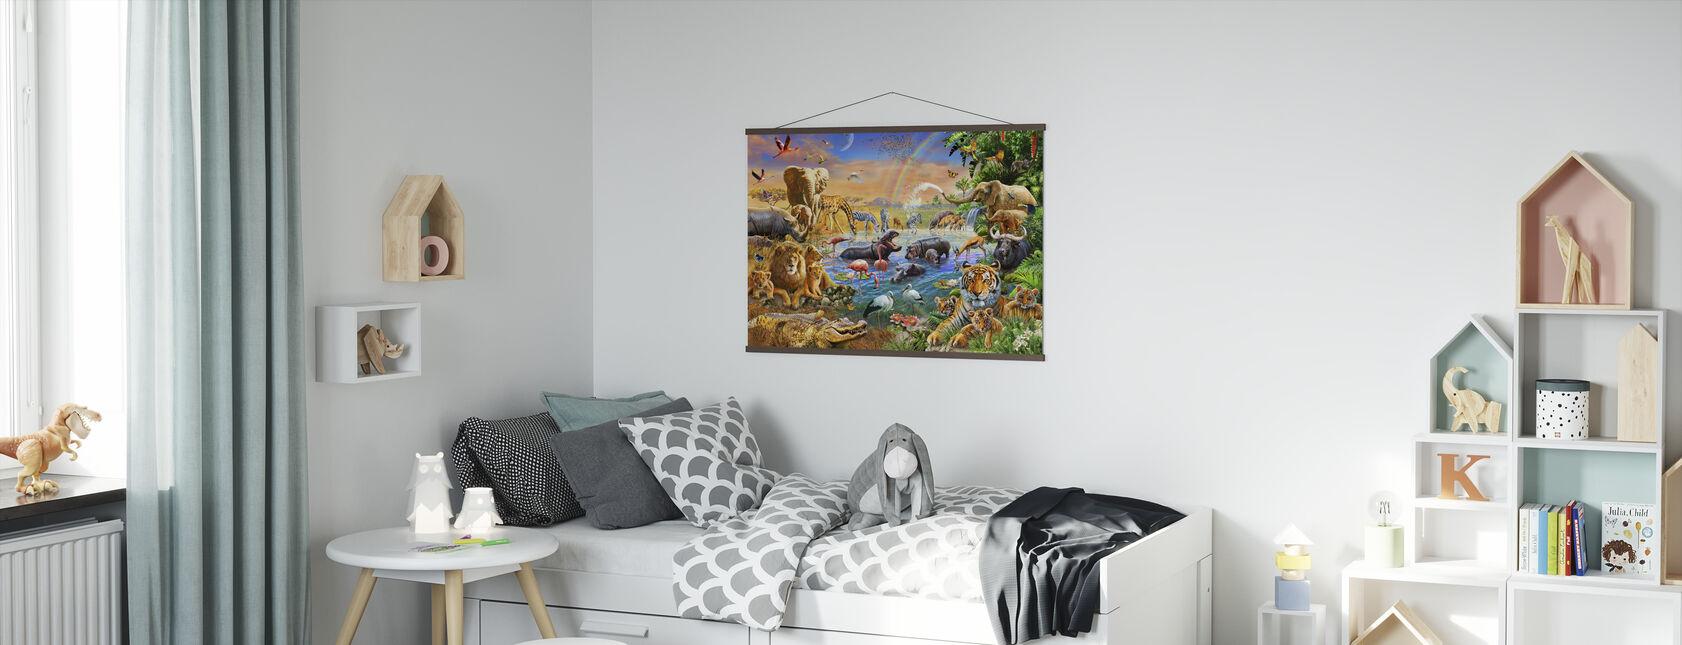 Savannah Dschungel-Wasserloch - Poster - Kinderzimmer